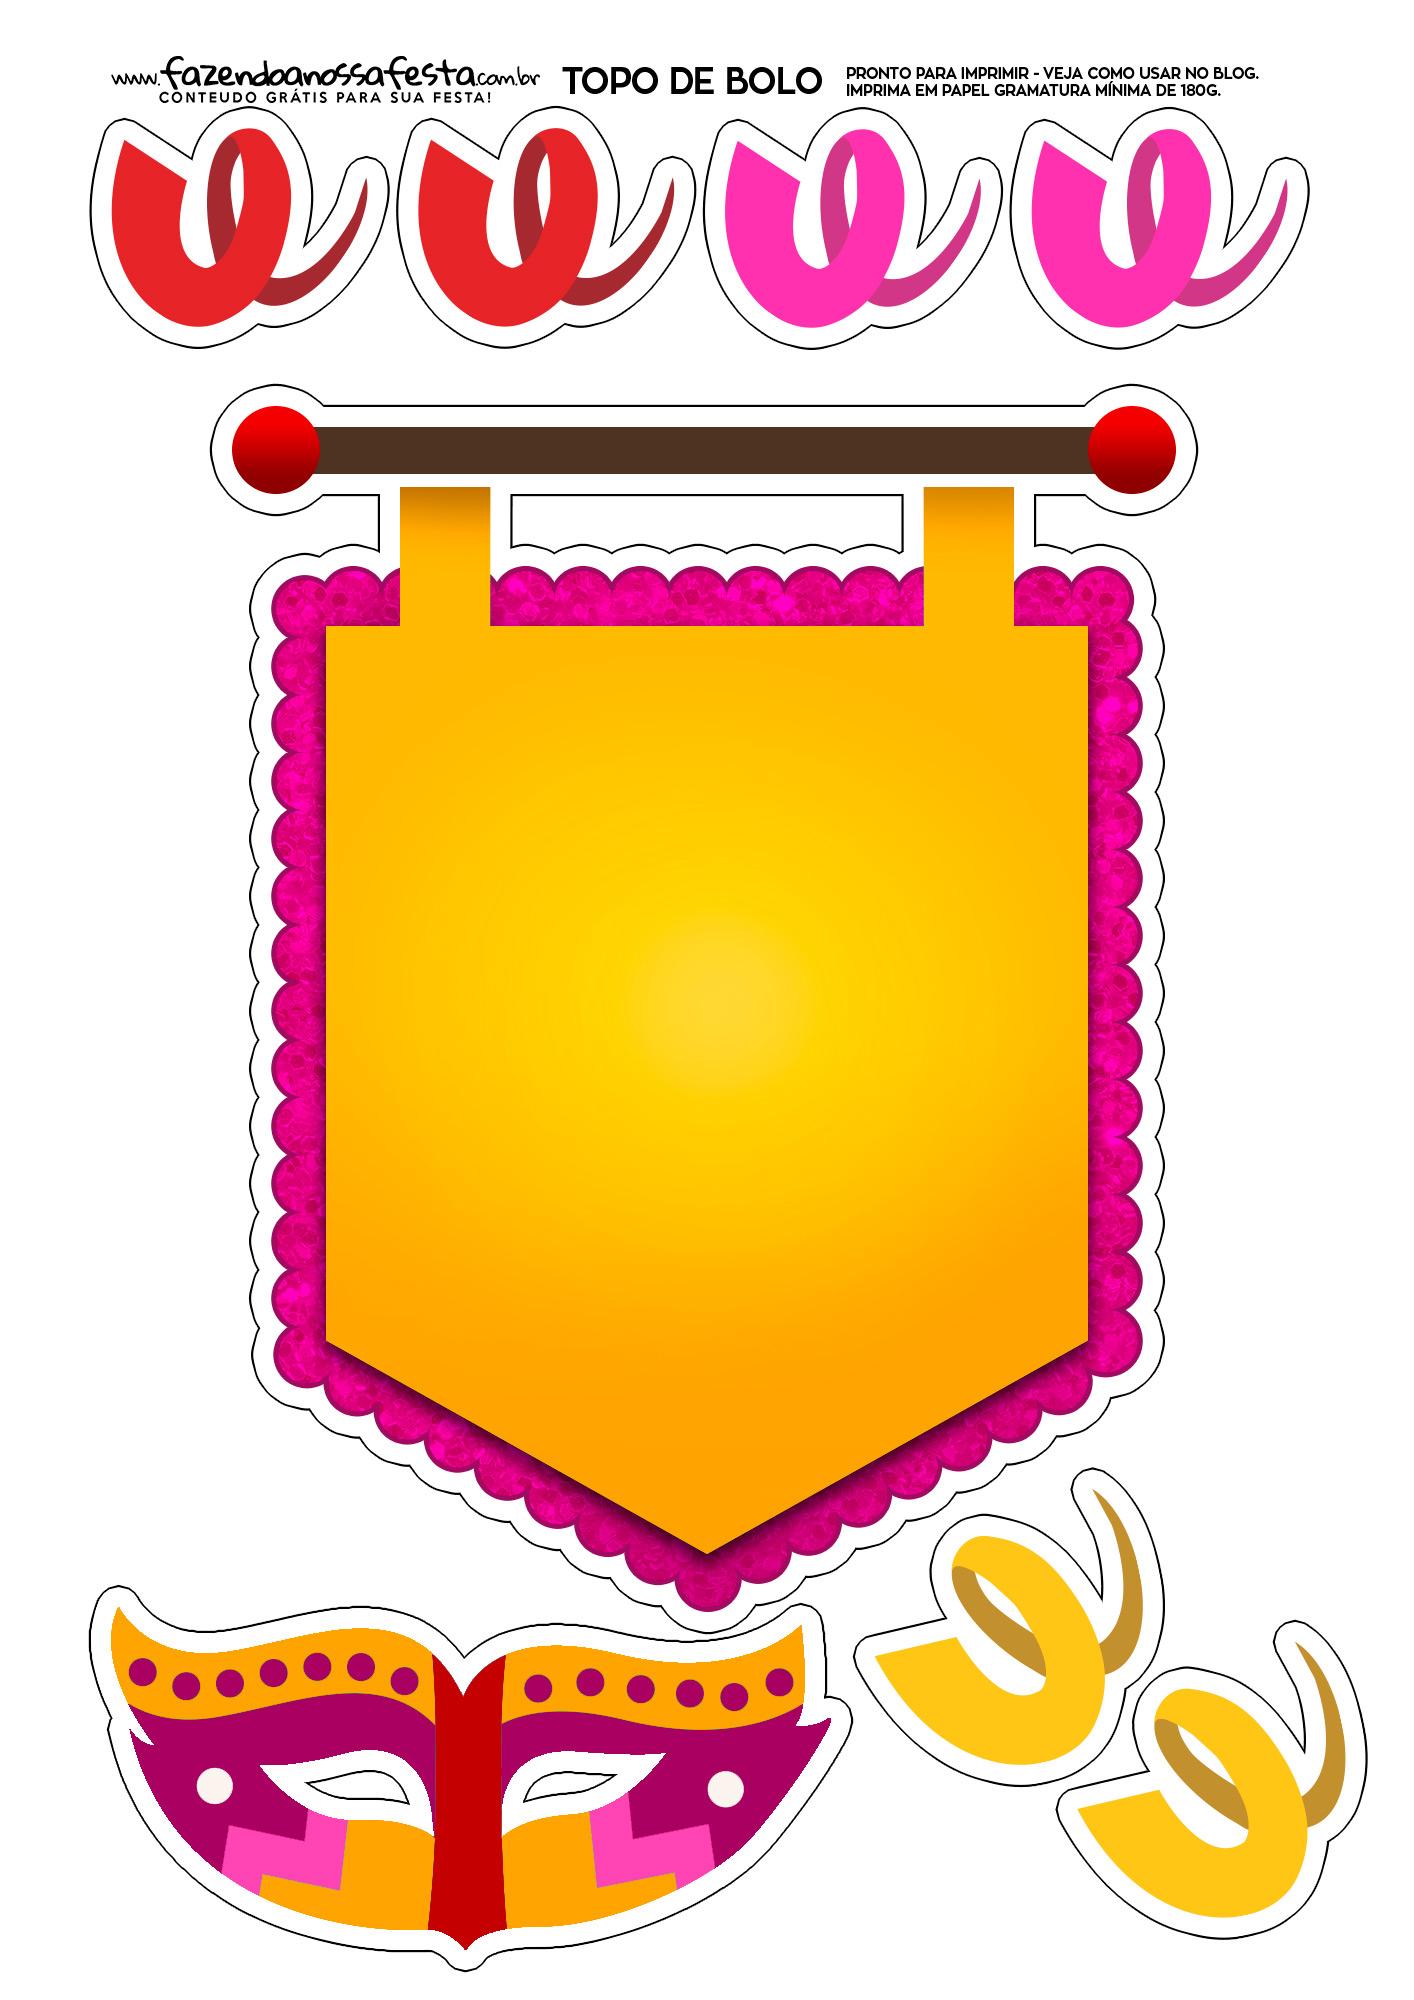 Topo de bolo Carnaval Amarelo e Rosa